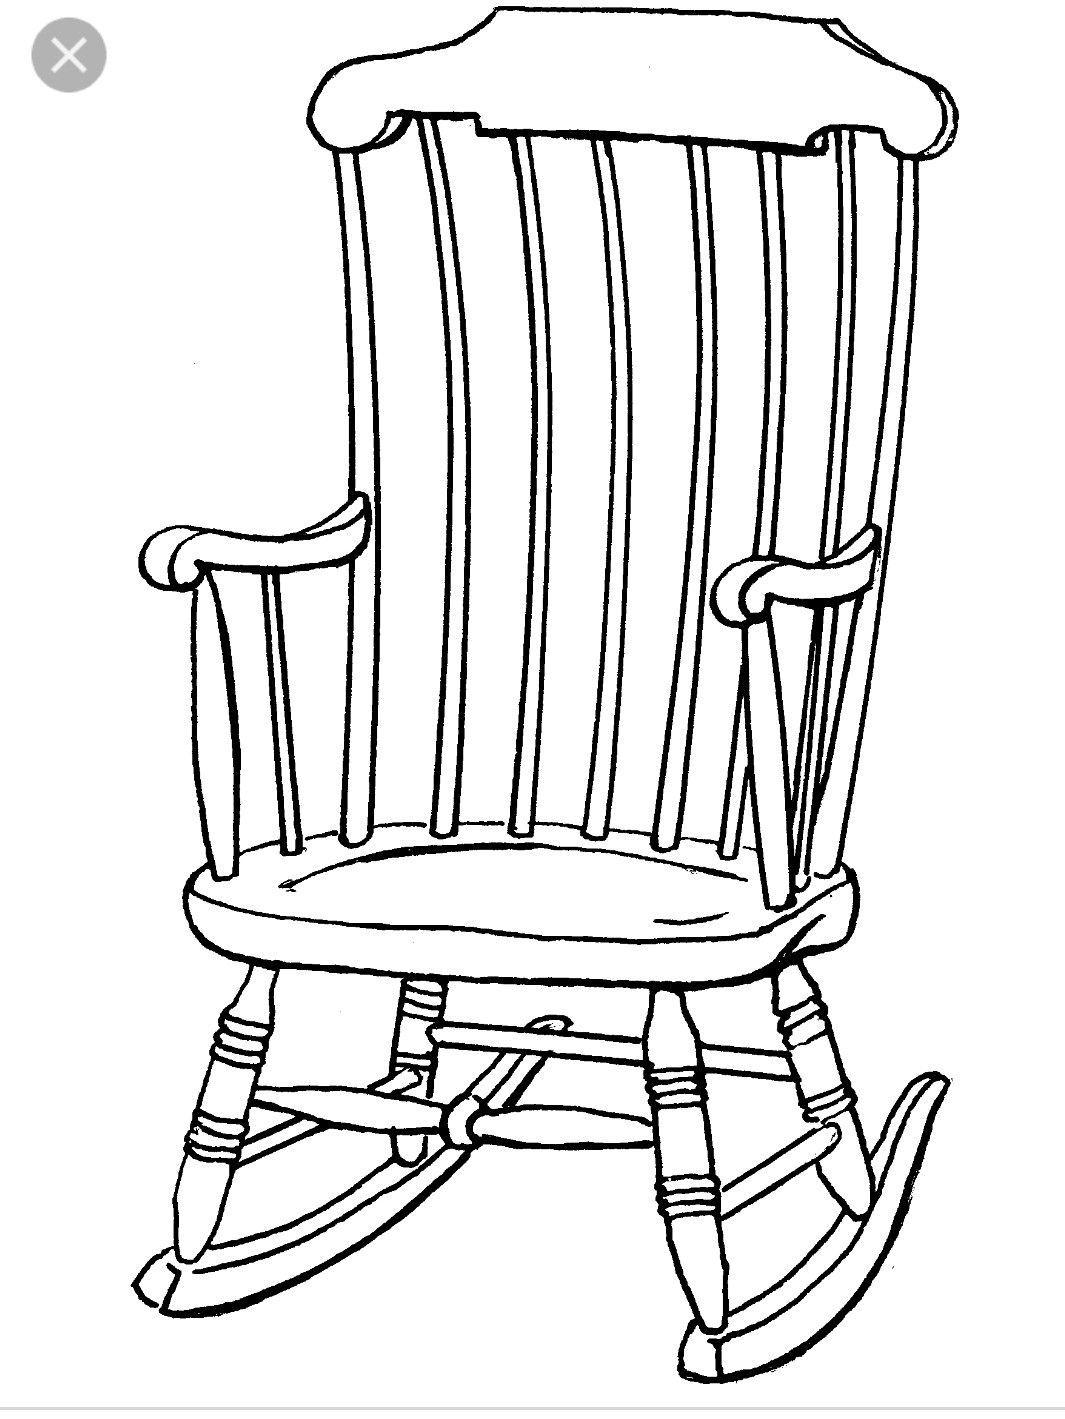 1065x1419 chairdrawing chair drawing chair drawing, bedroom chair, chair